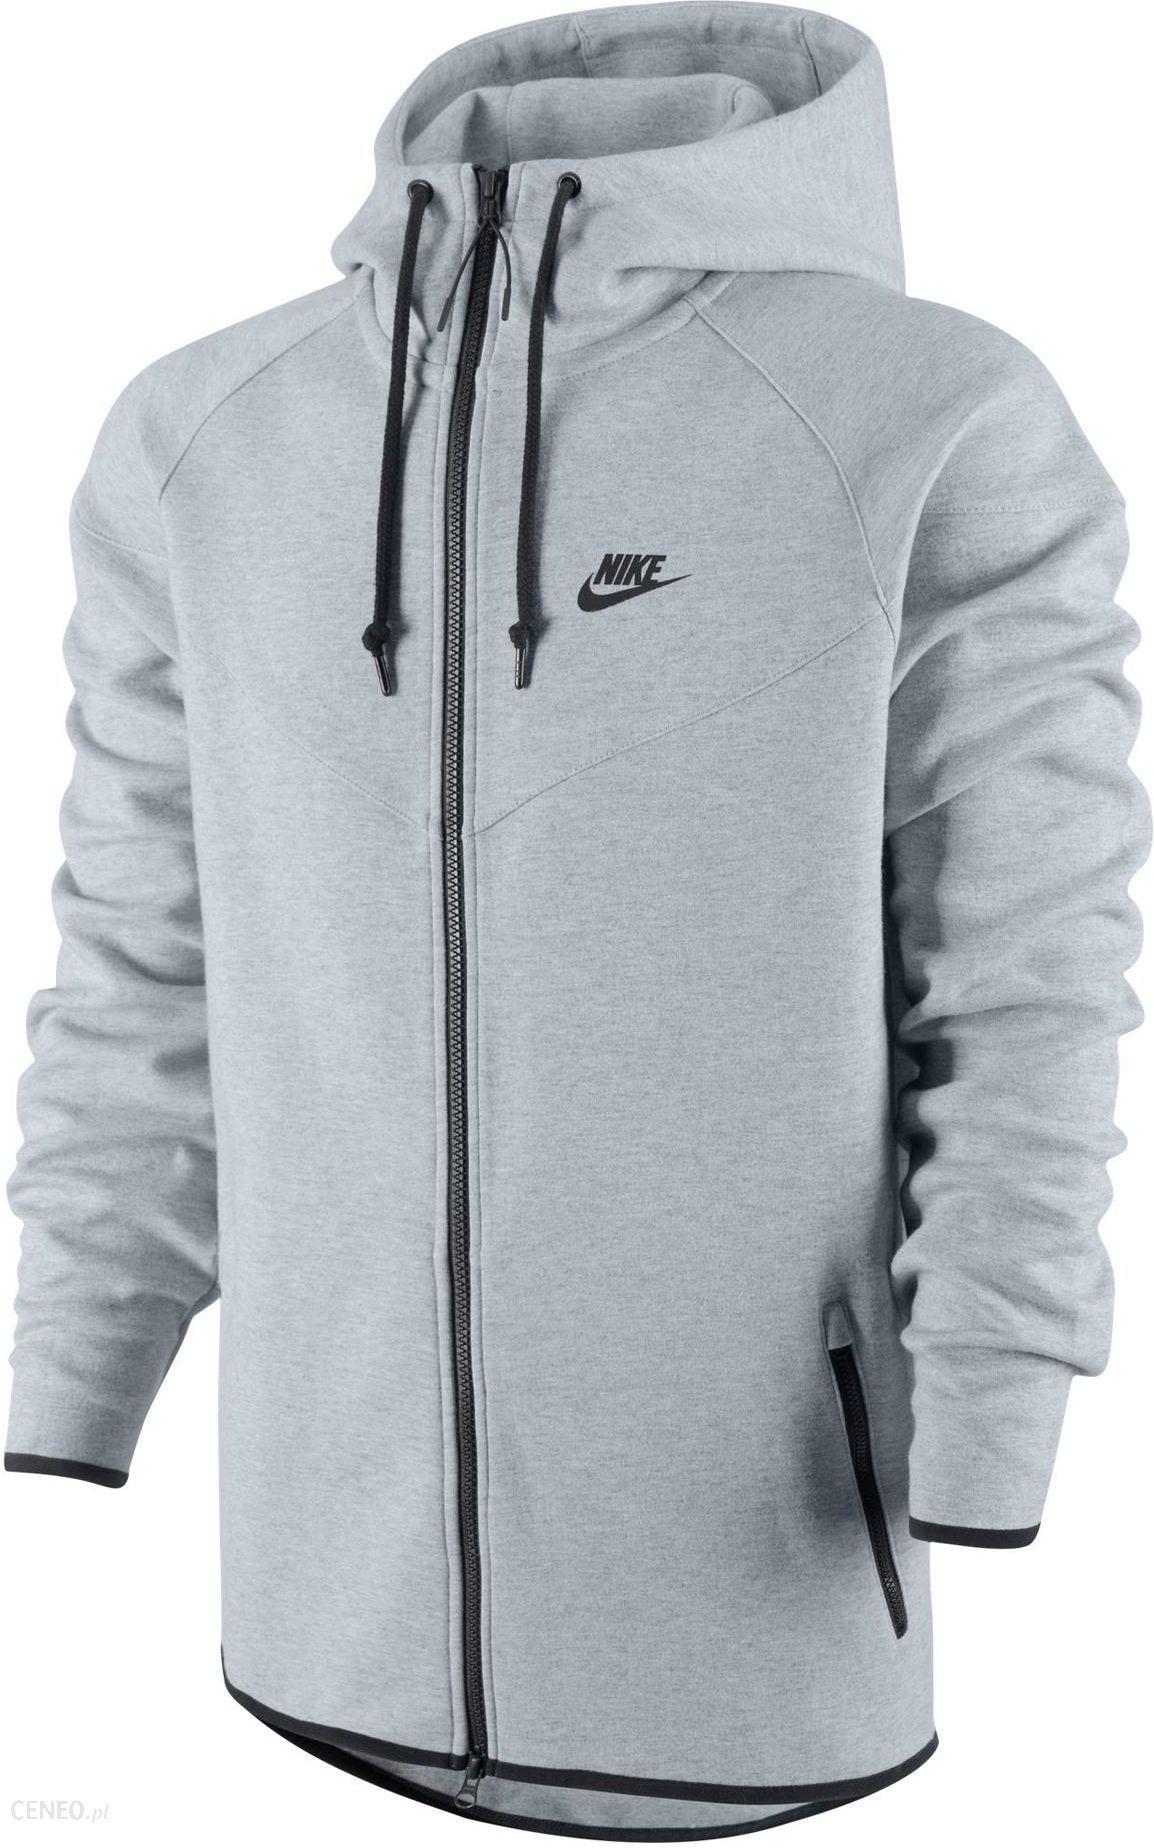 dobra obsługa przyjazd moda designerska Bluza Nike Tech Fleece Windrunner 545277-051 - Ceny i opinie - Ceneo.pl